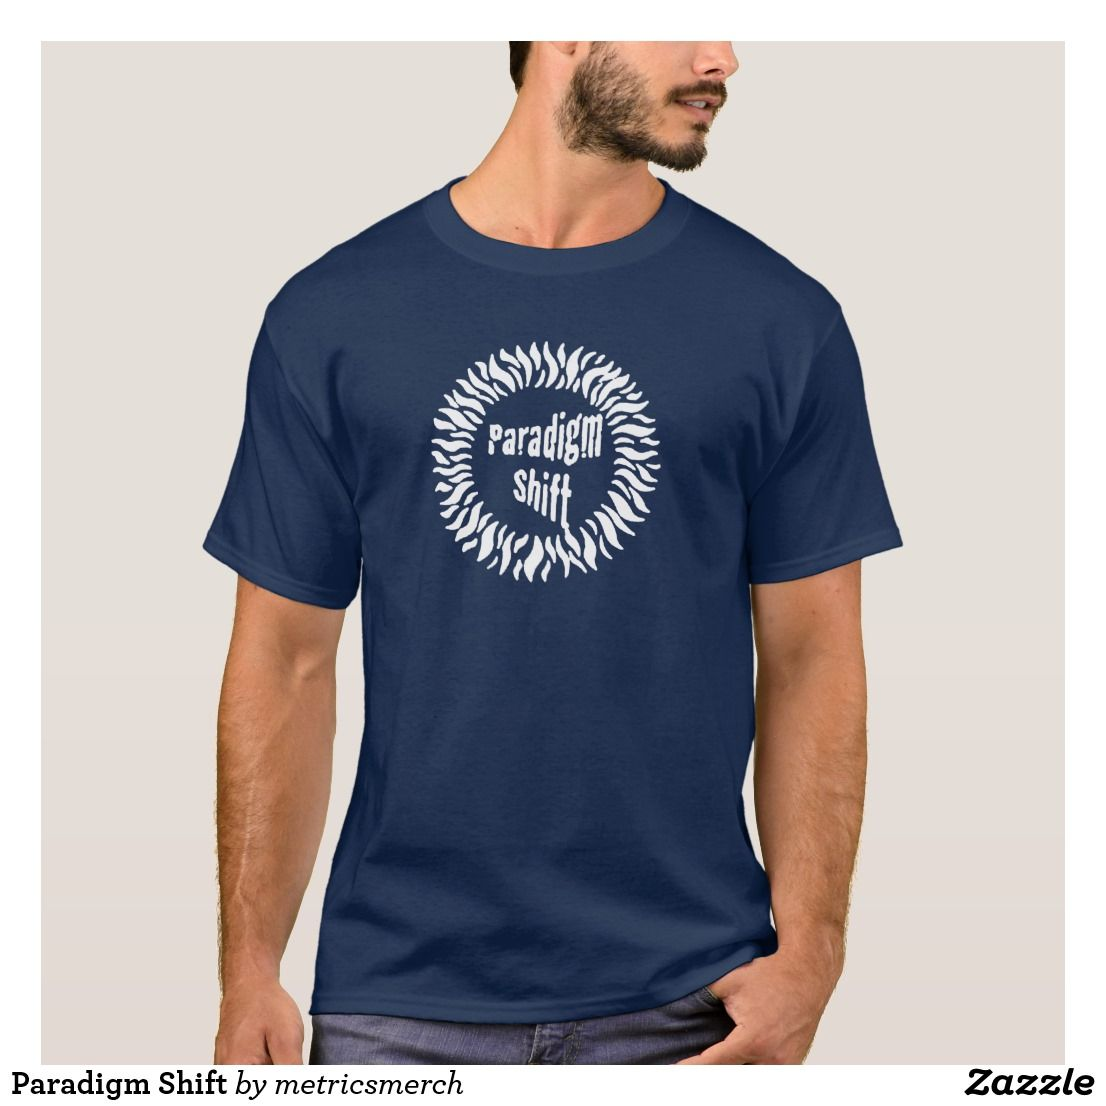 Paradigm Shift TShirt Tee shirt designs, T